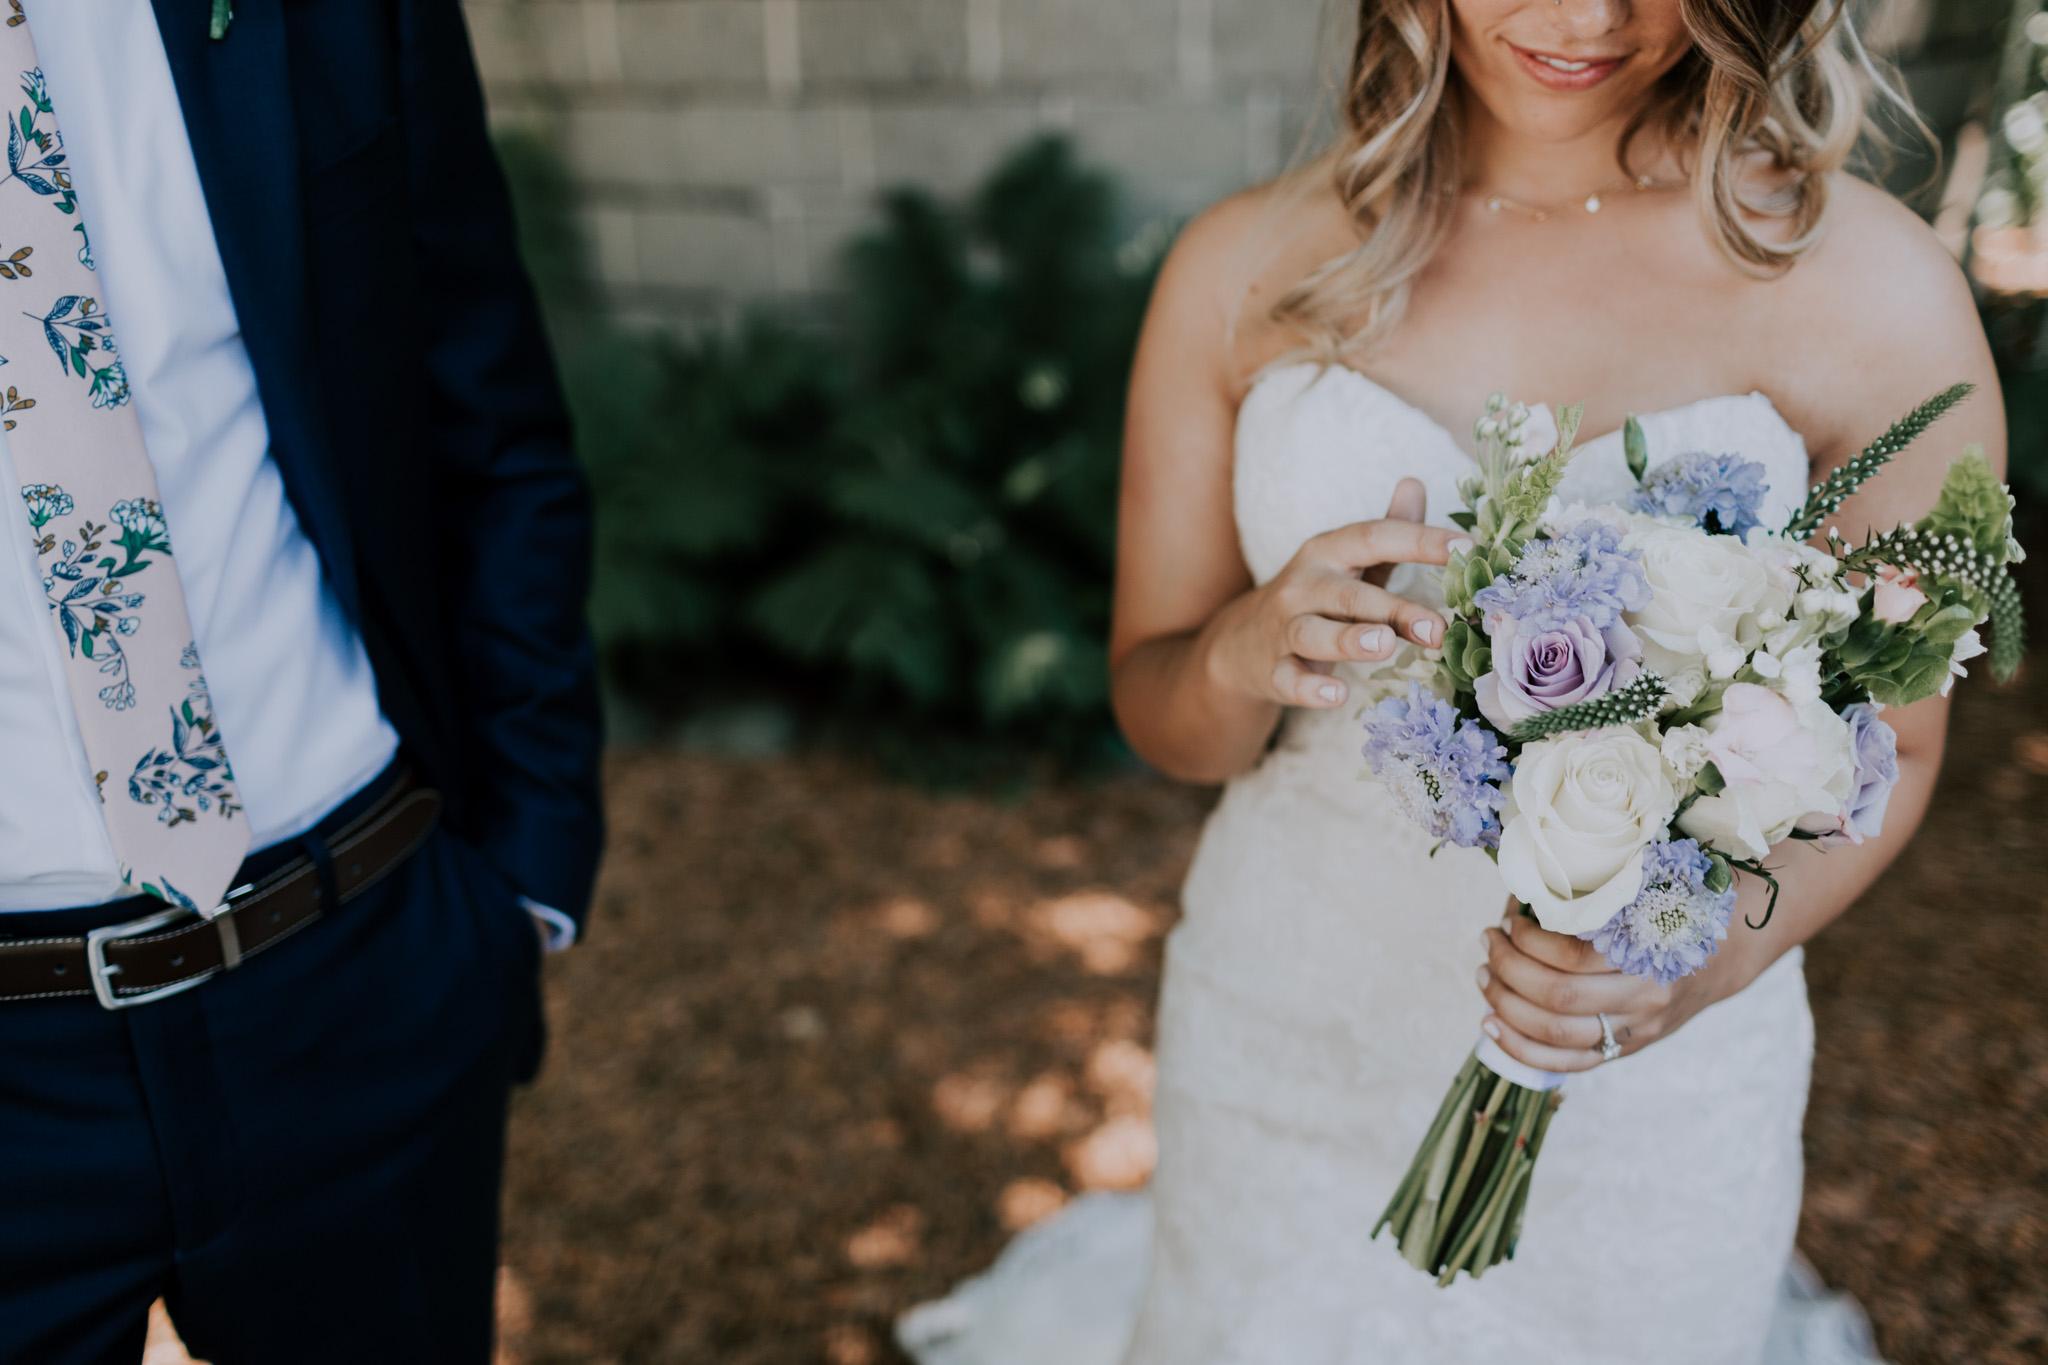 Blue-Dress-Barn-Michigan-Wedding-April-Seth-Vafa-Photo304.jpg